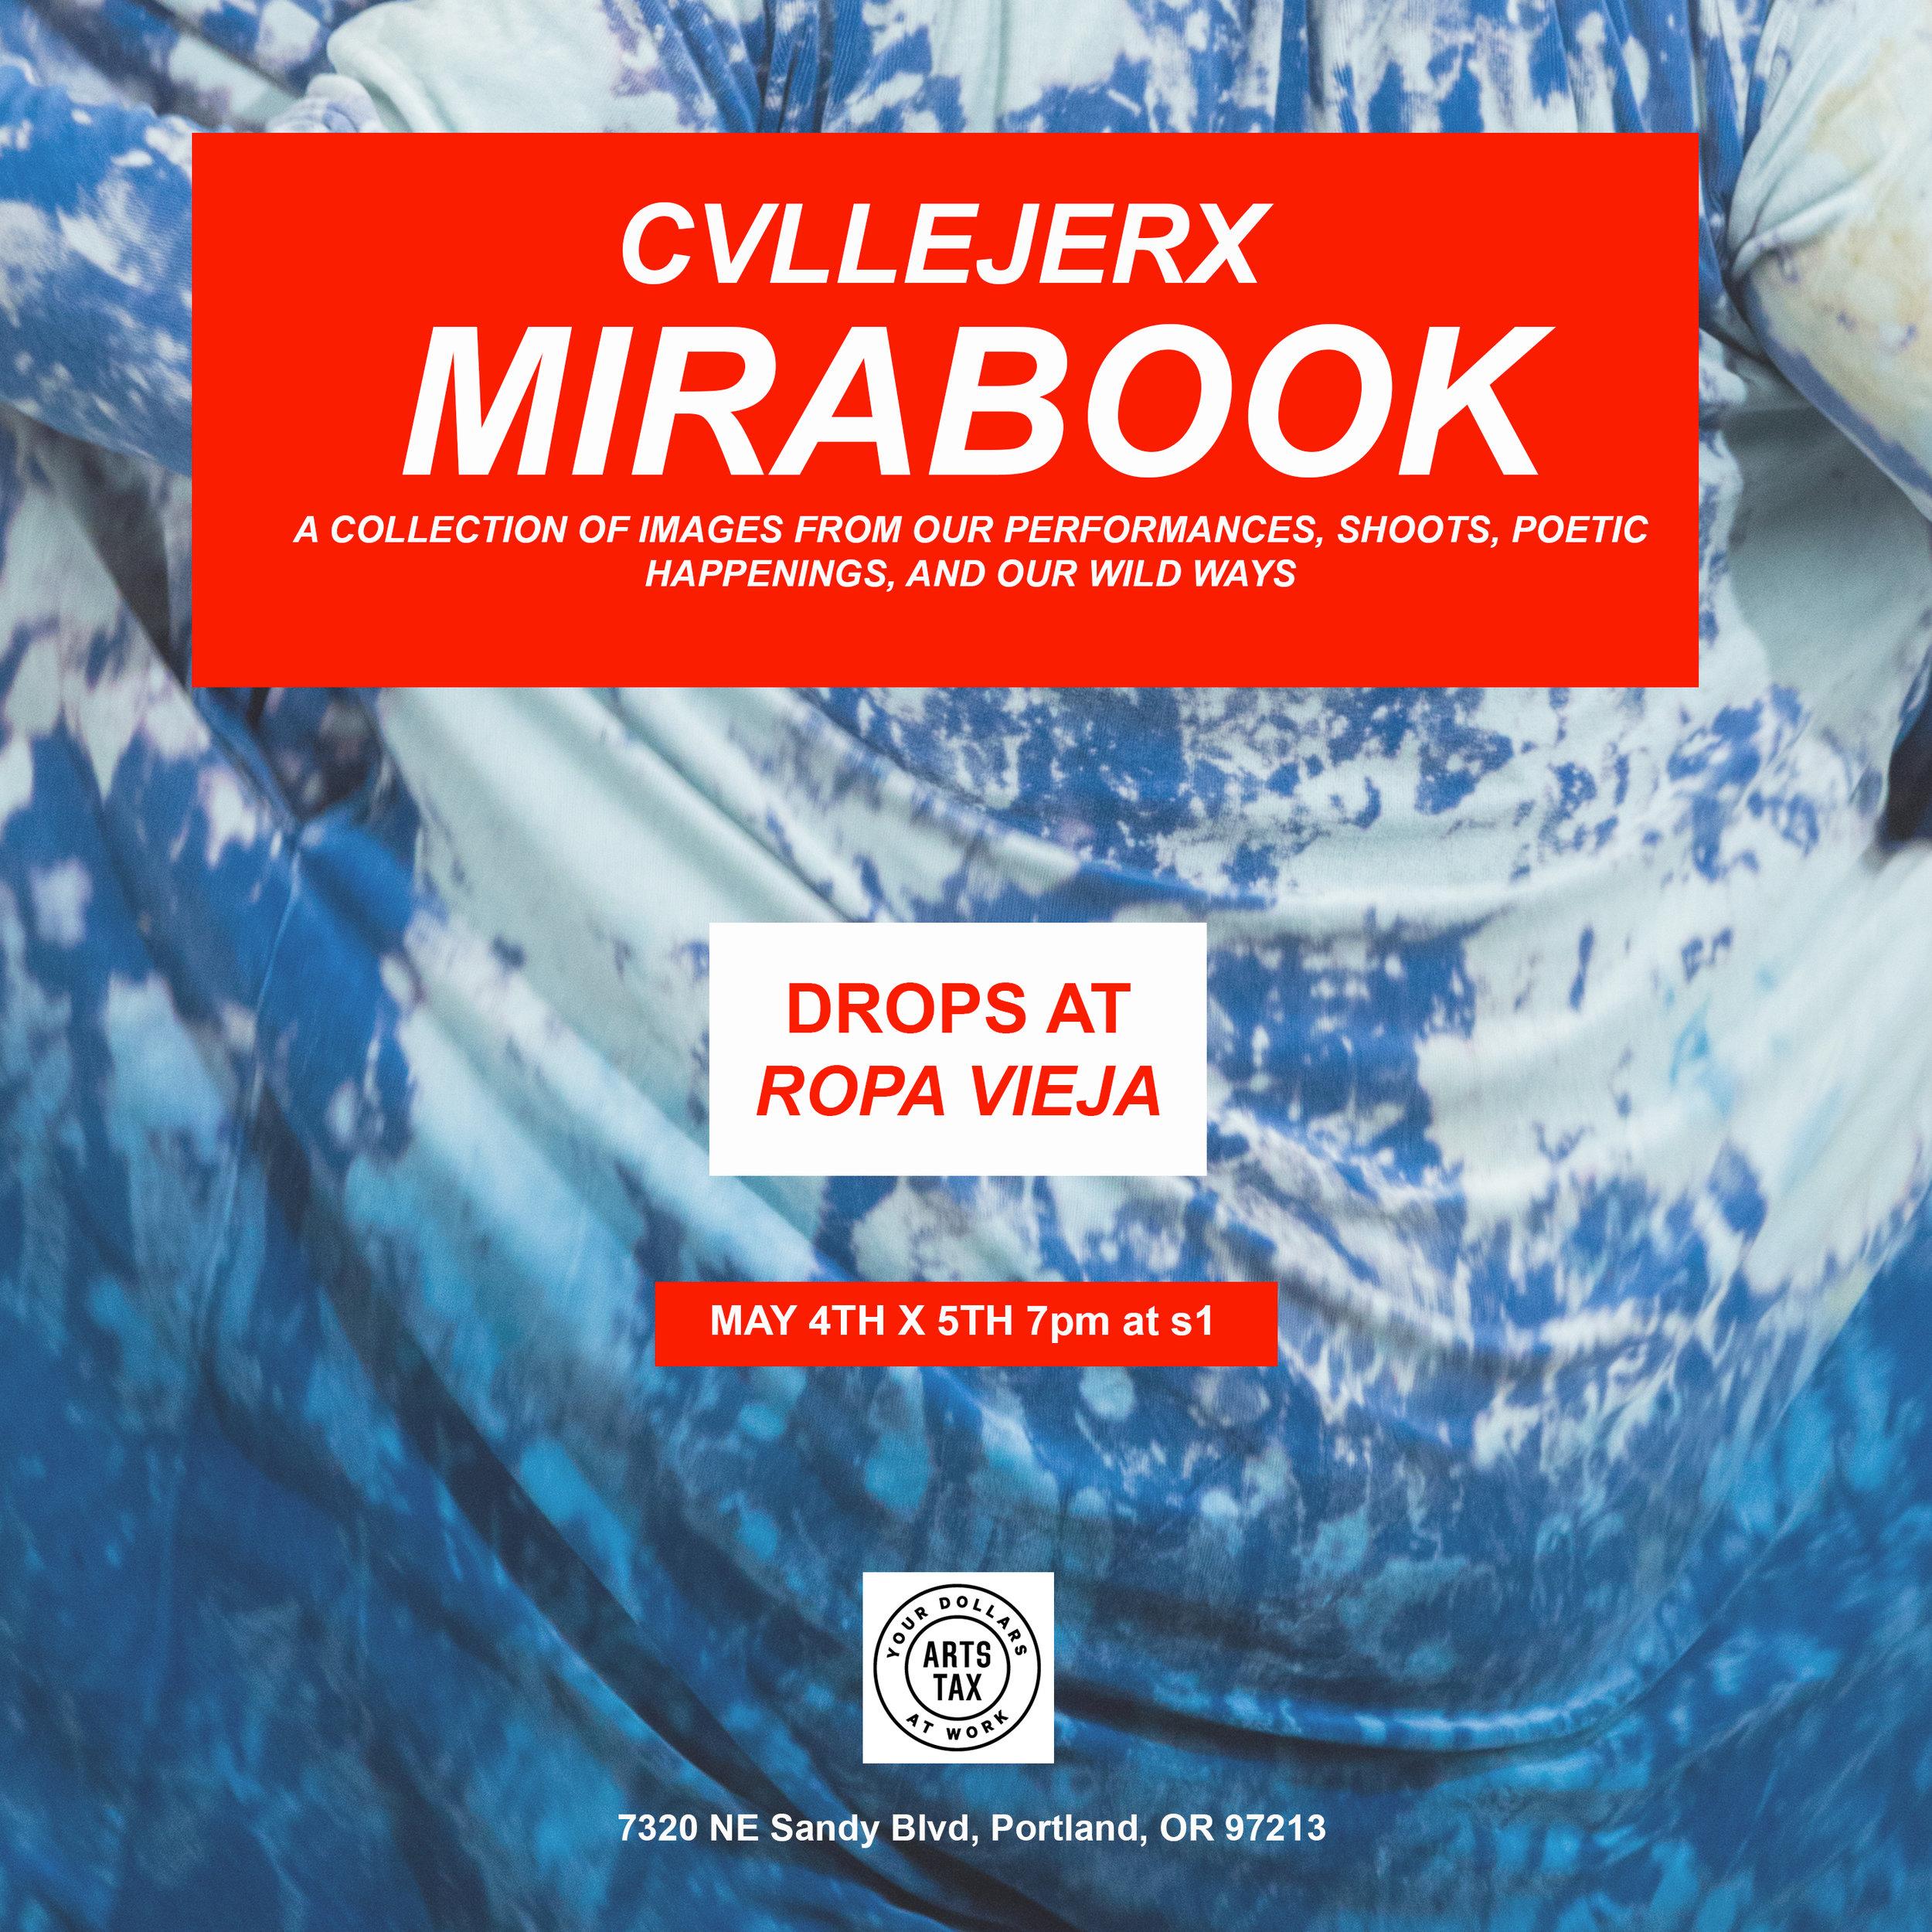 CVLLEJERX MIRABOOK poster (w no venmo).jpg